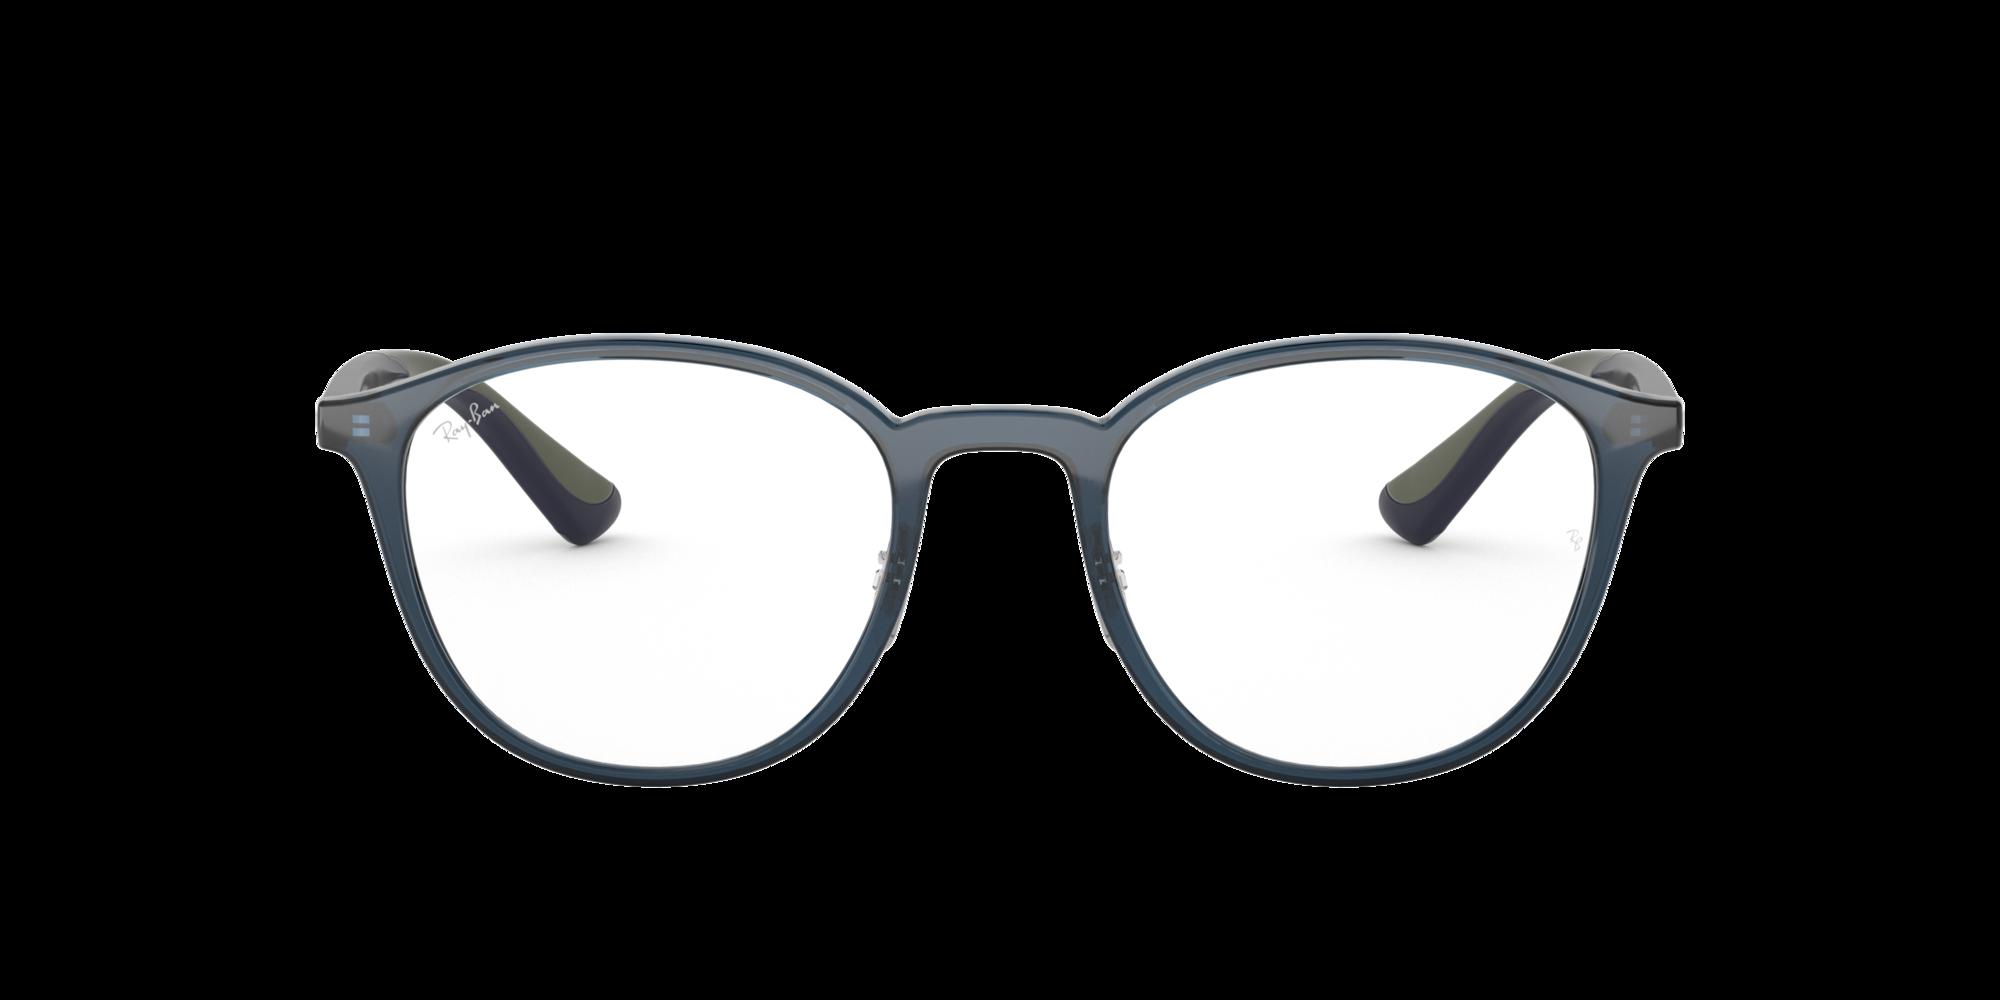 Imagen para RX7156 de LensCrafters |  Espejuelos, espejuelos graduados en línea, gafas